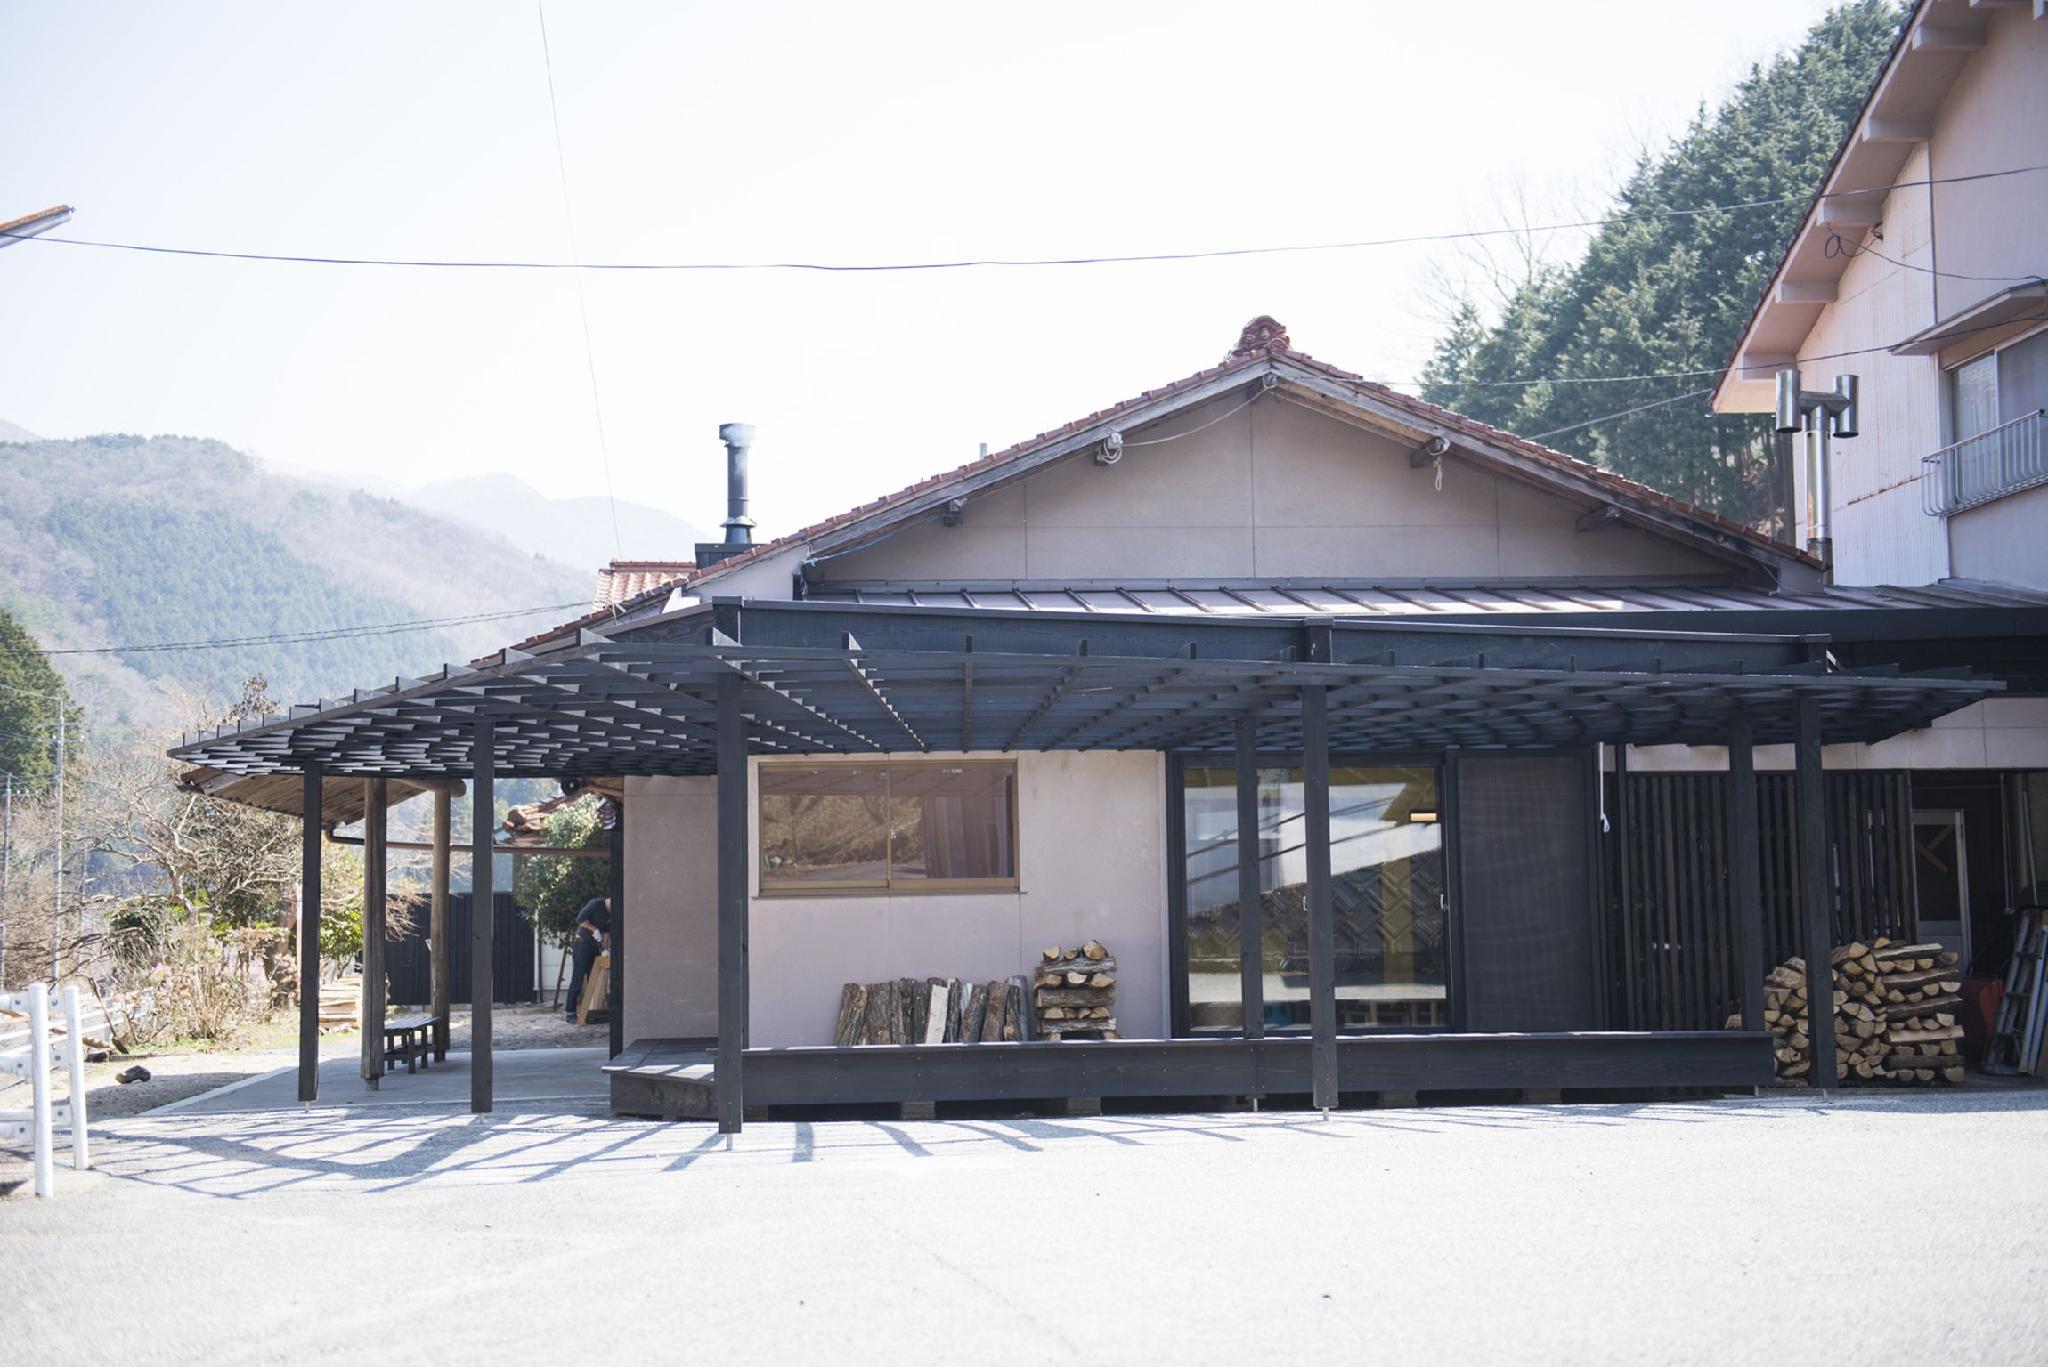 粟倉溫泉元湯旅館 Awakura Onsen Motoyu